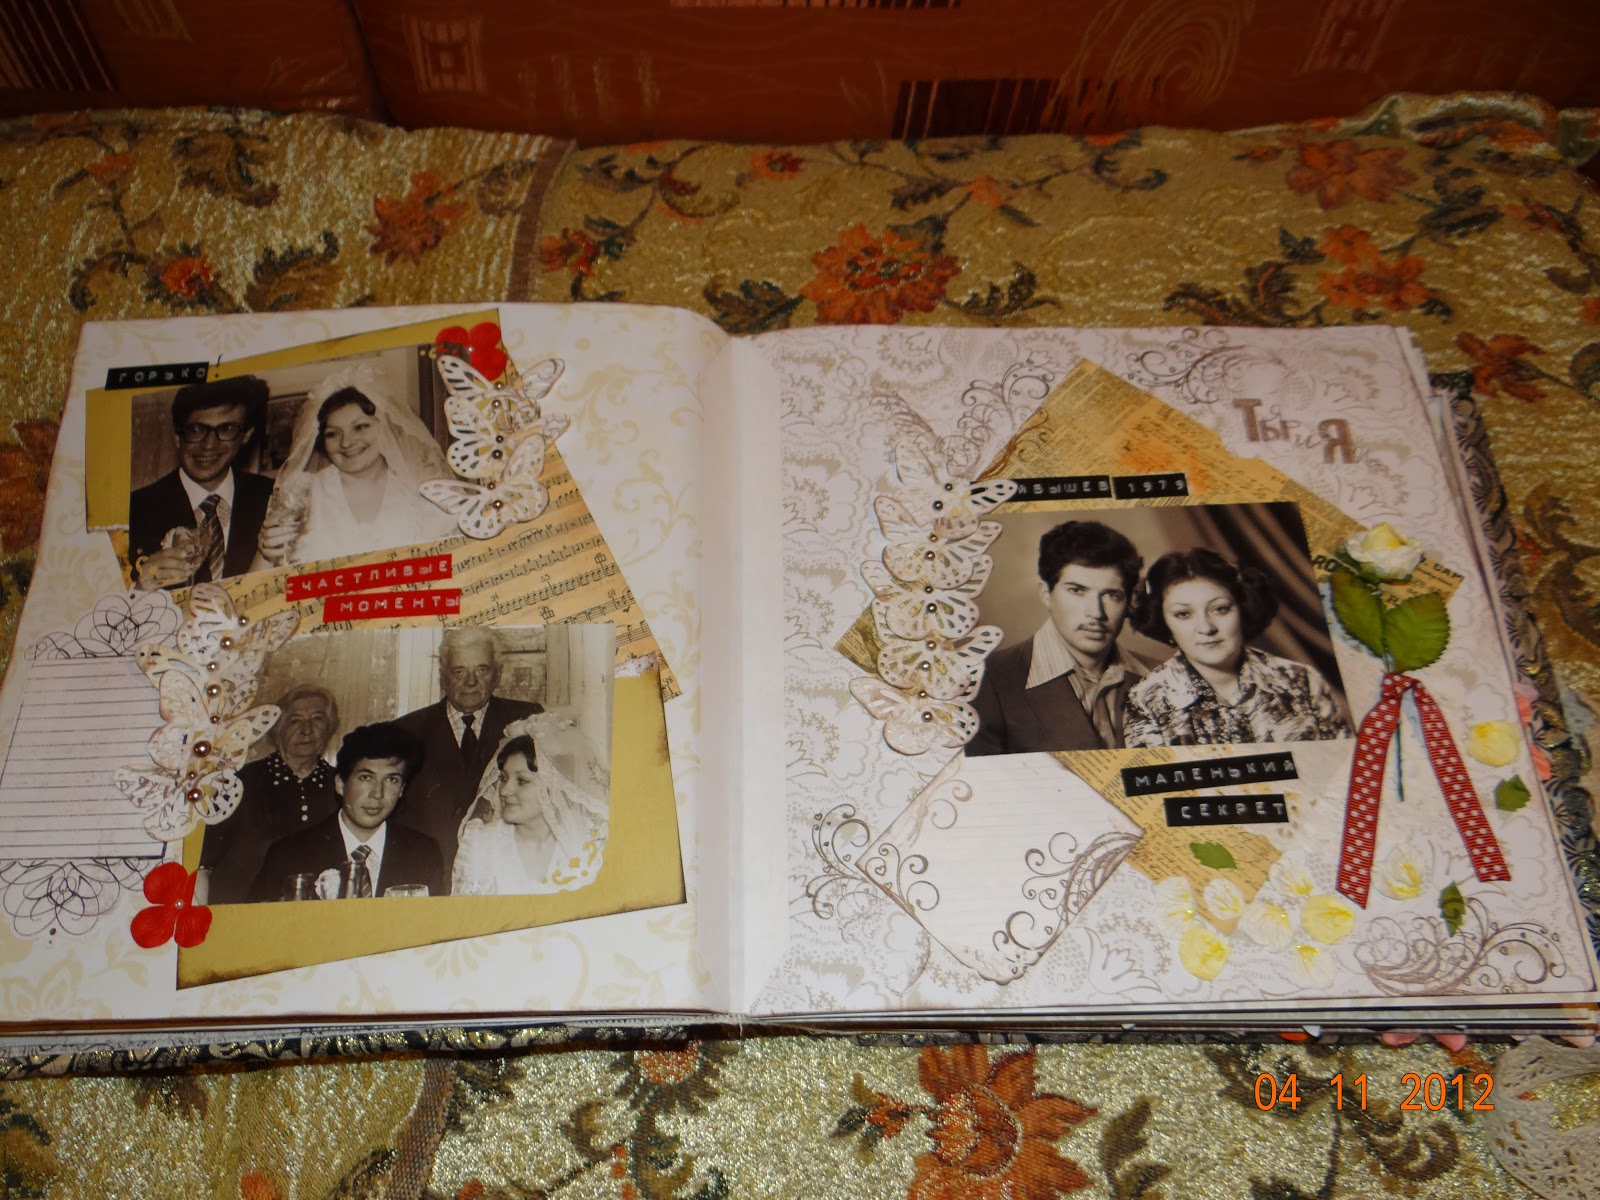 Подарки на свадьбу и годовщину лучшие идеи. Оригинальные 11